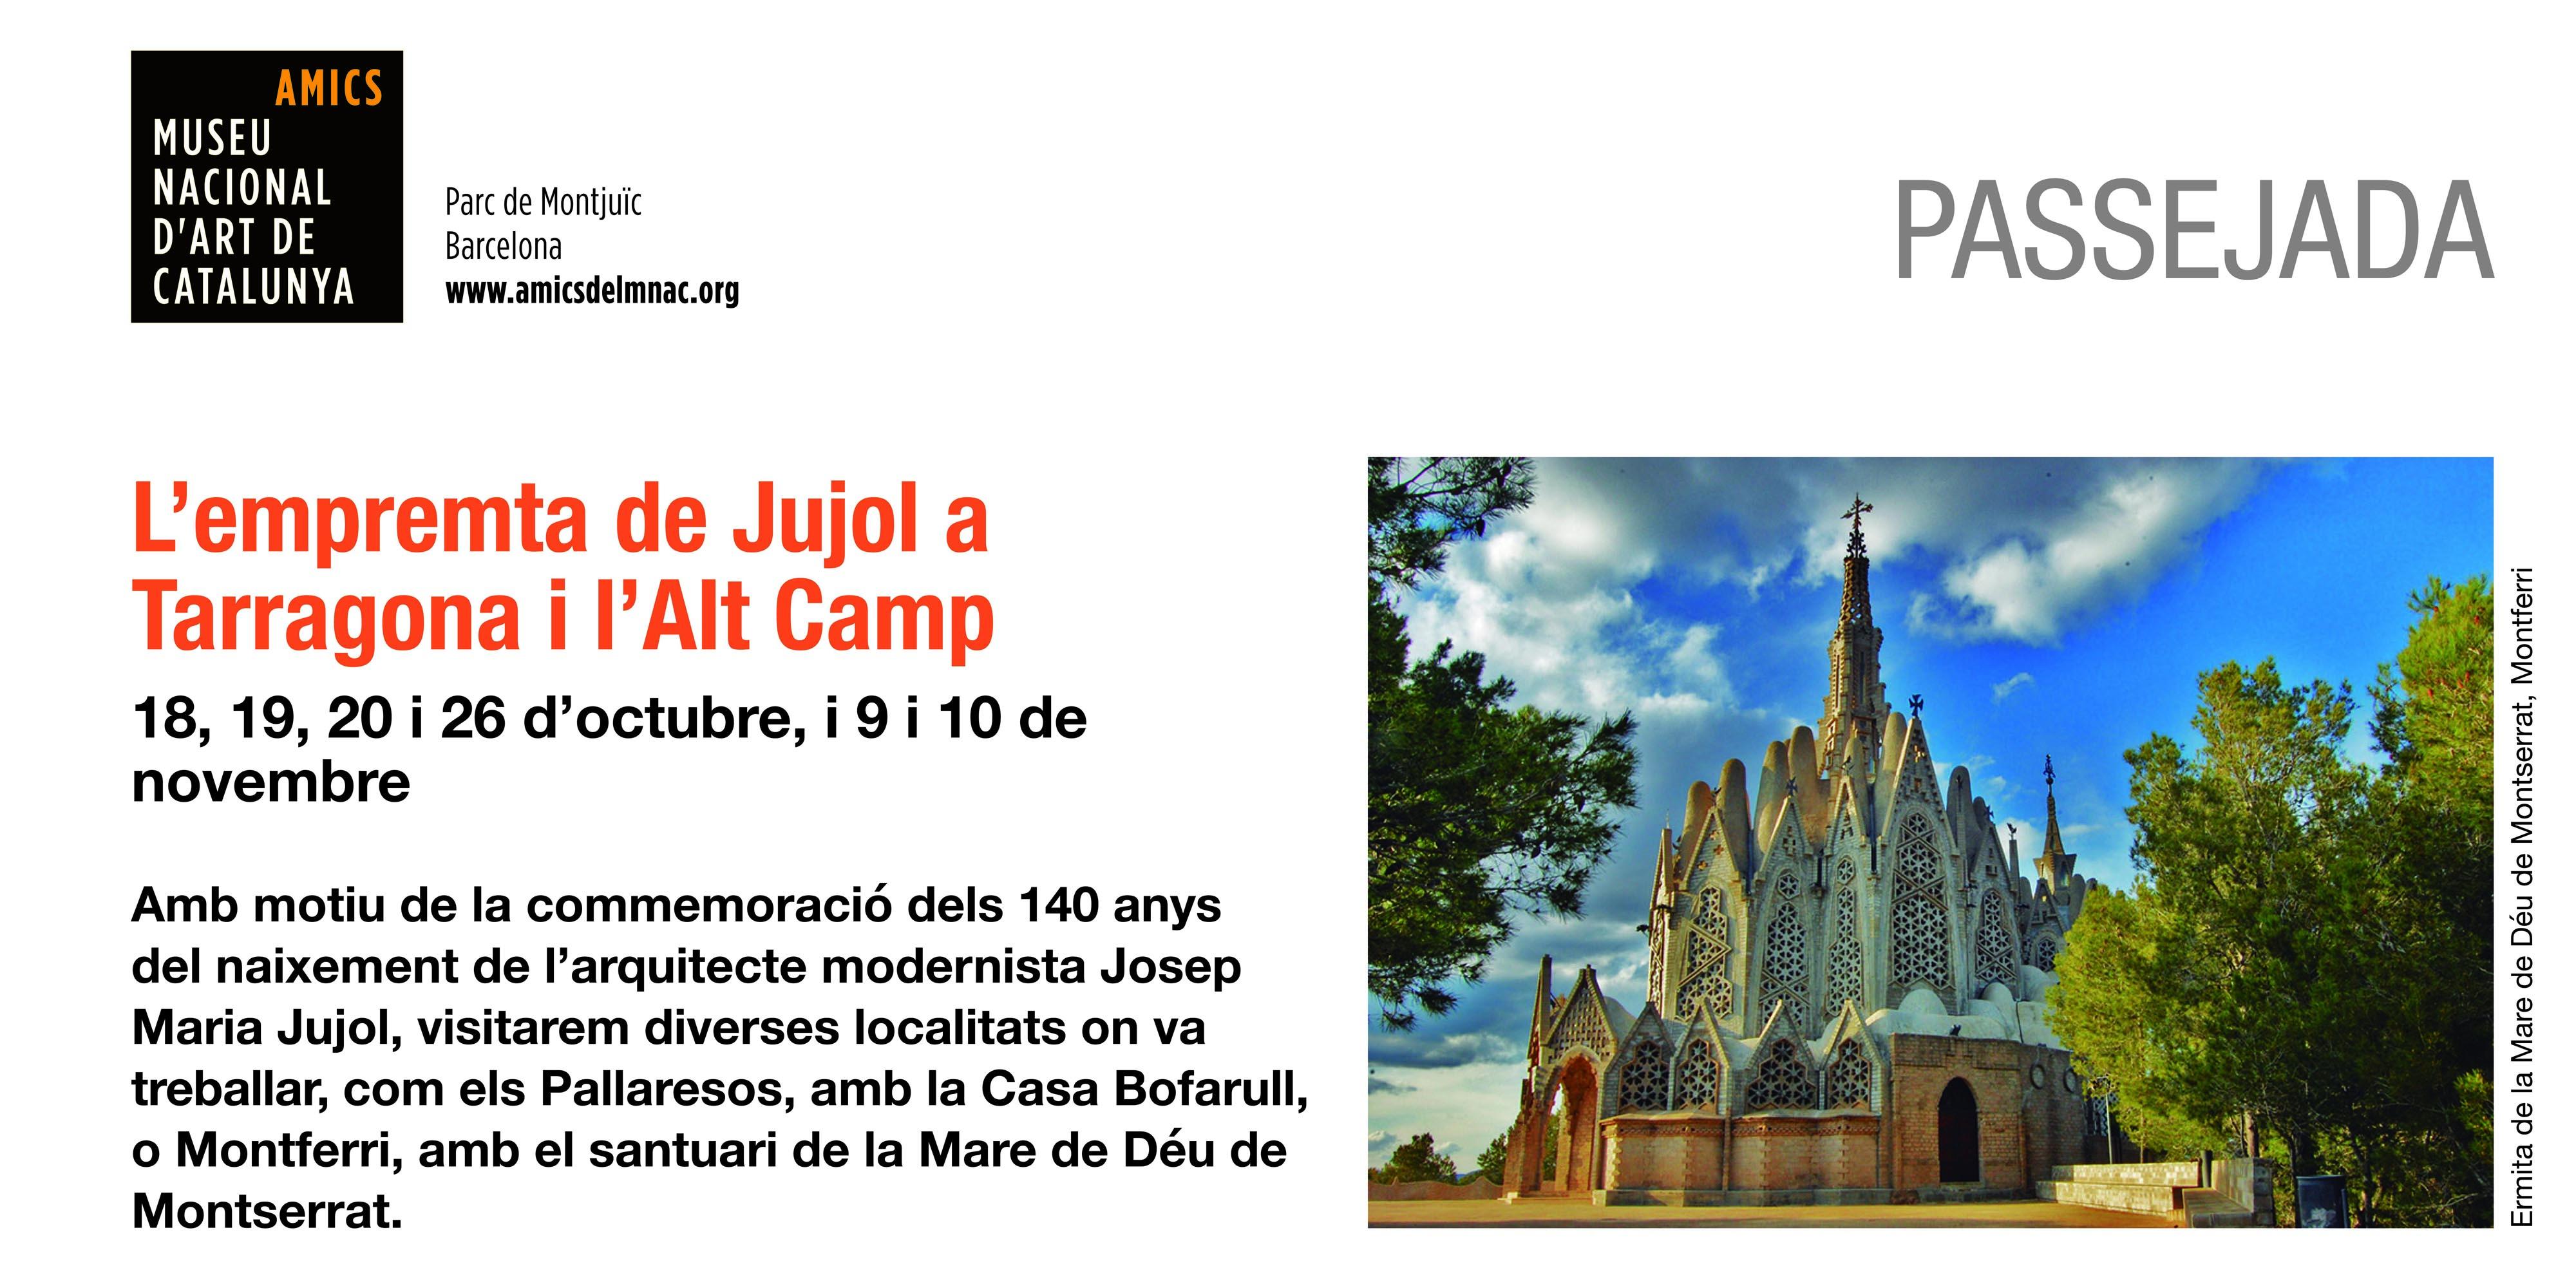 L'empremta de Julol a Tarragona i l'Alt Camp